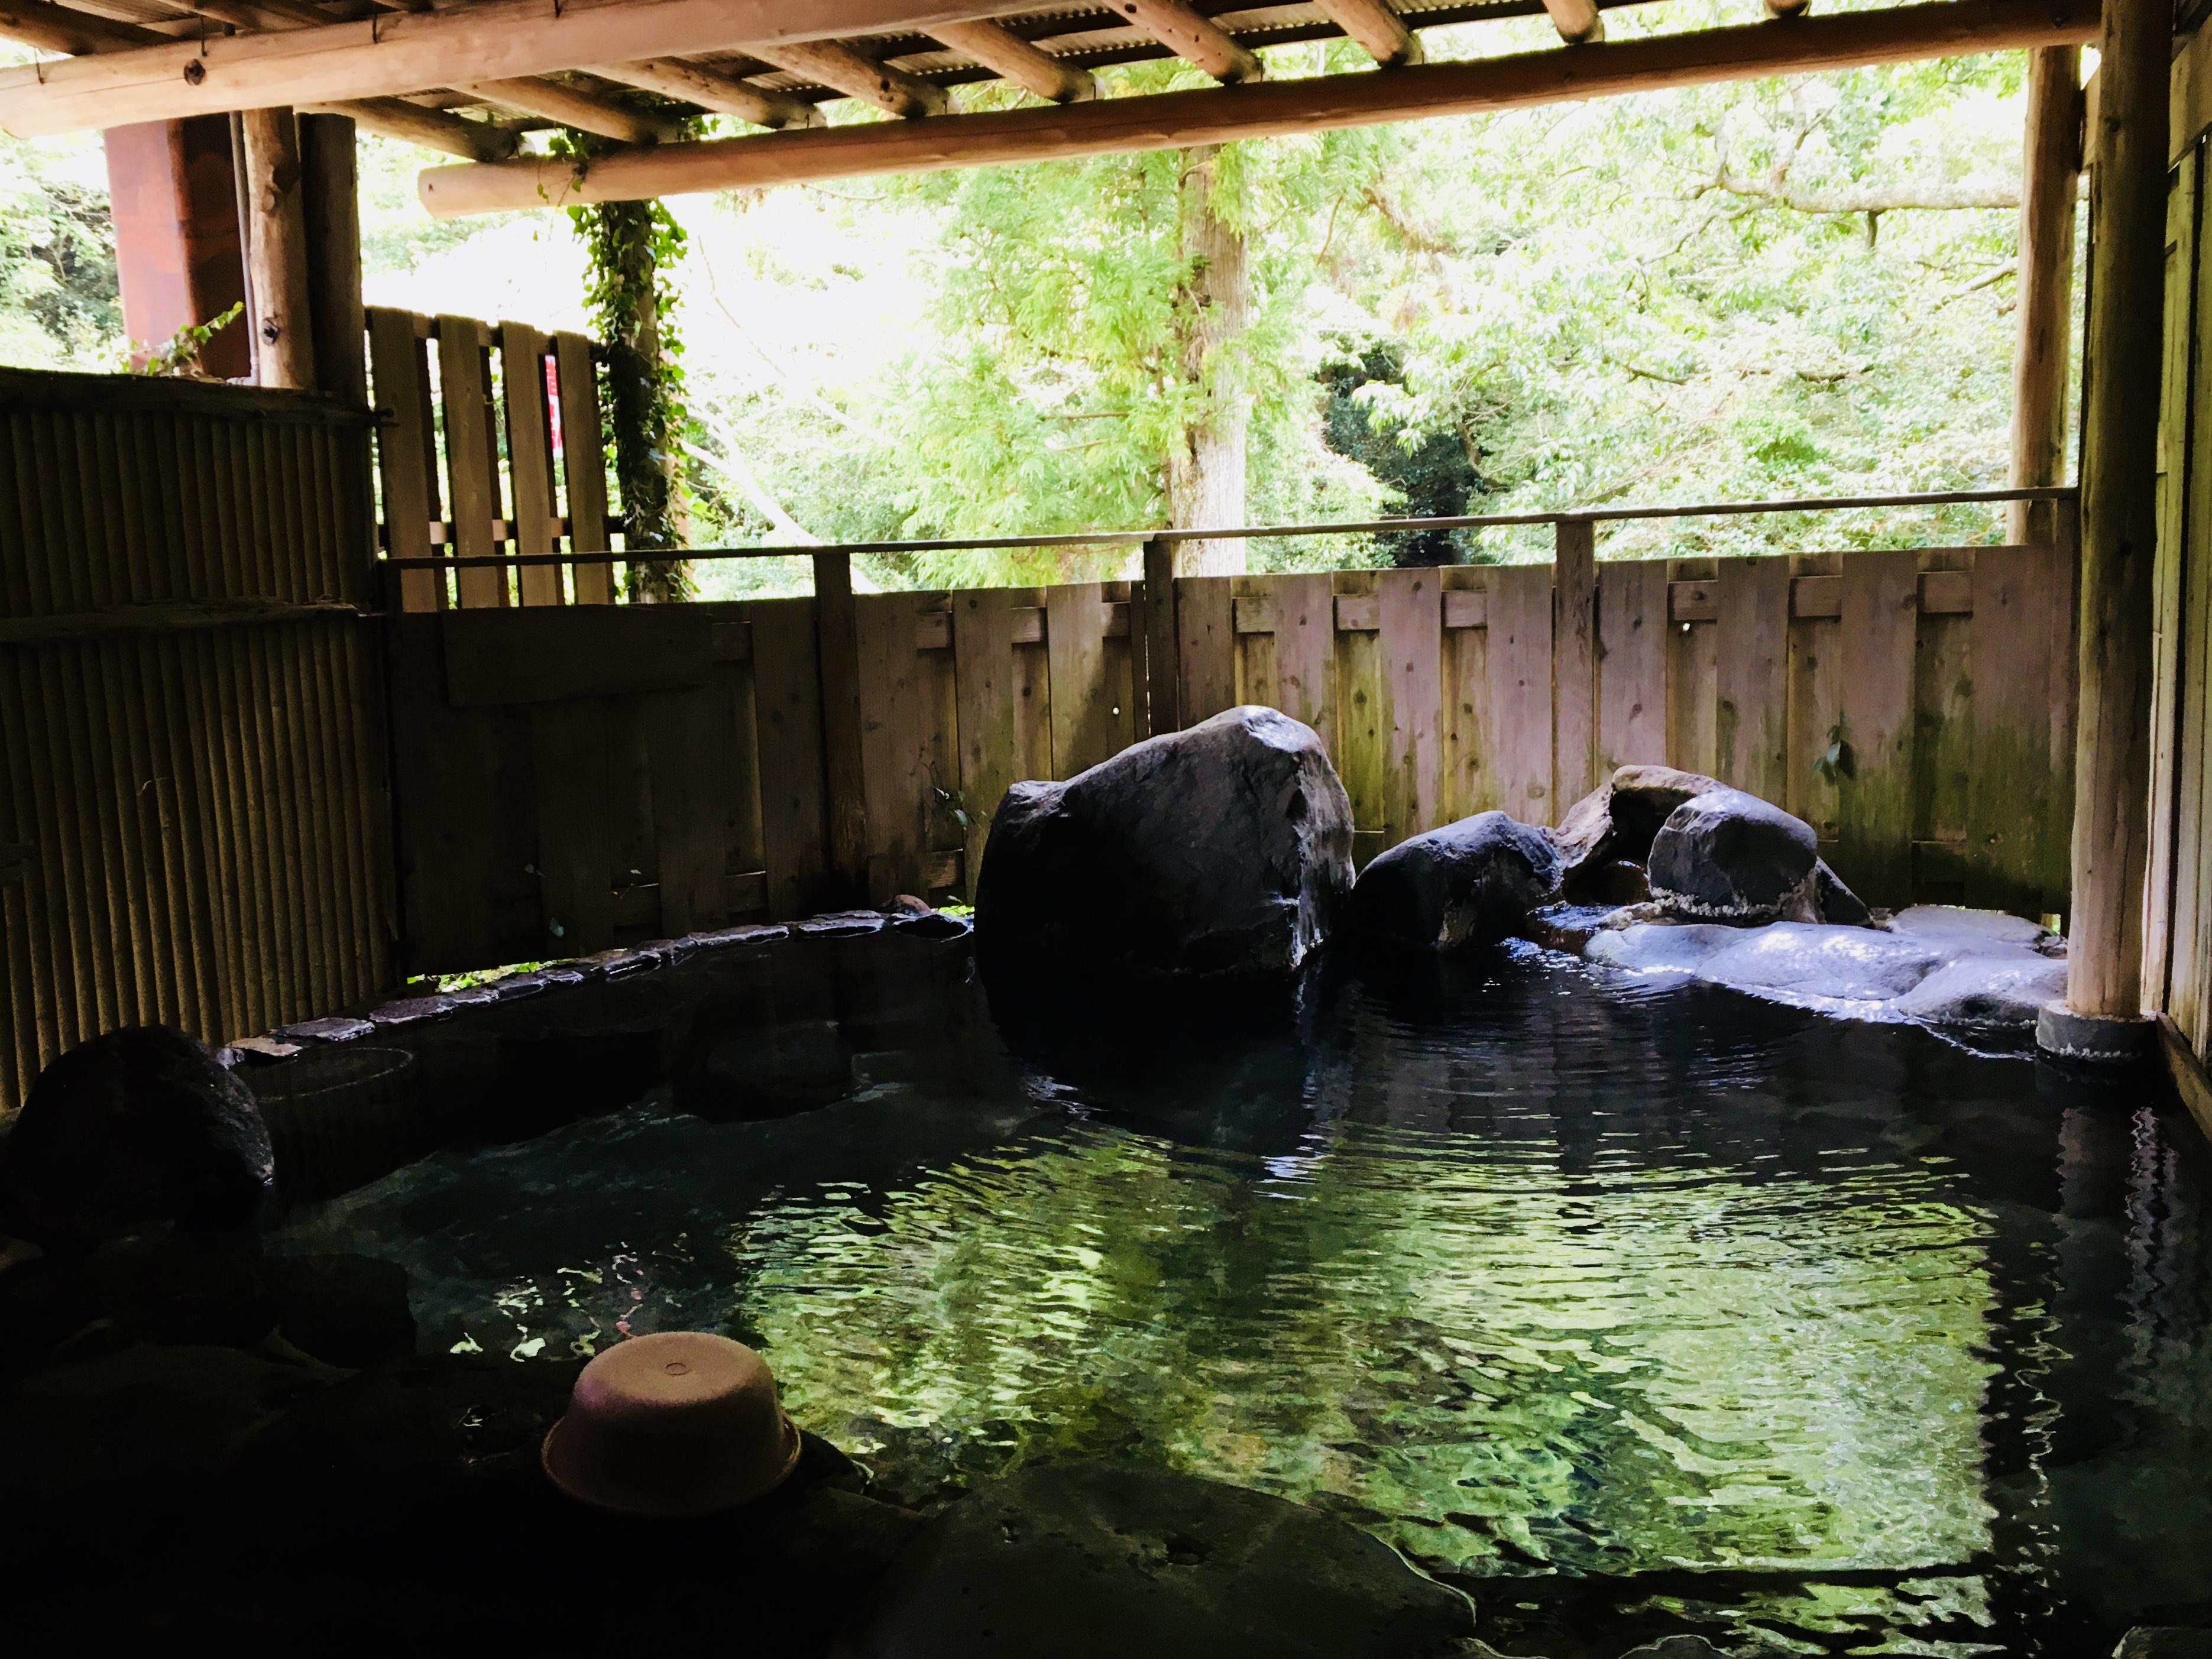 【プロが選ぶ】石川県の温泉旅館の人気と実力